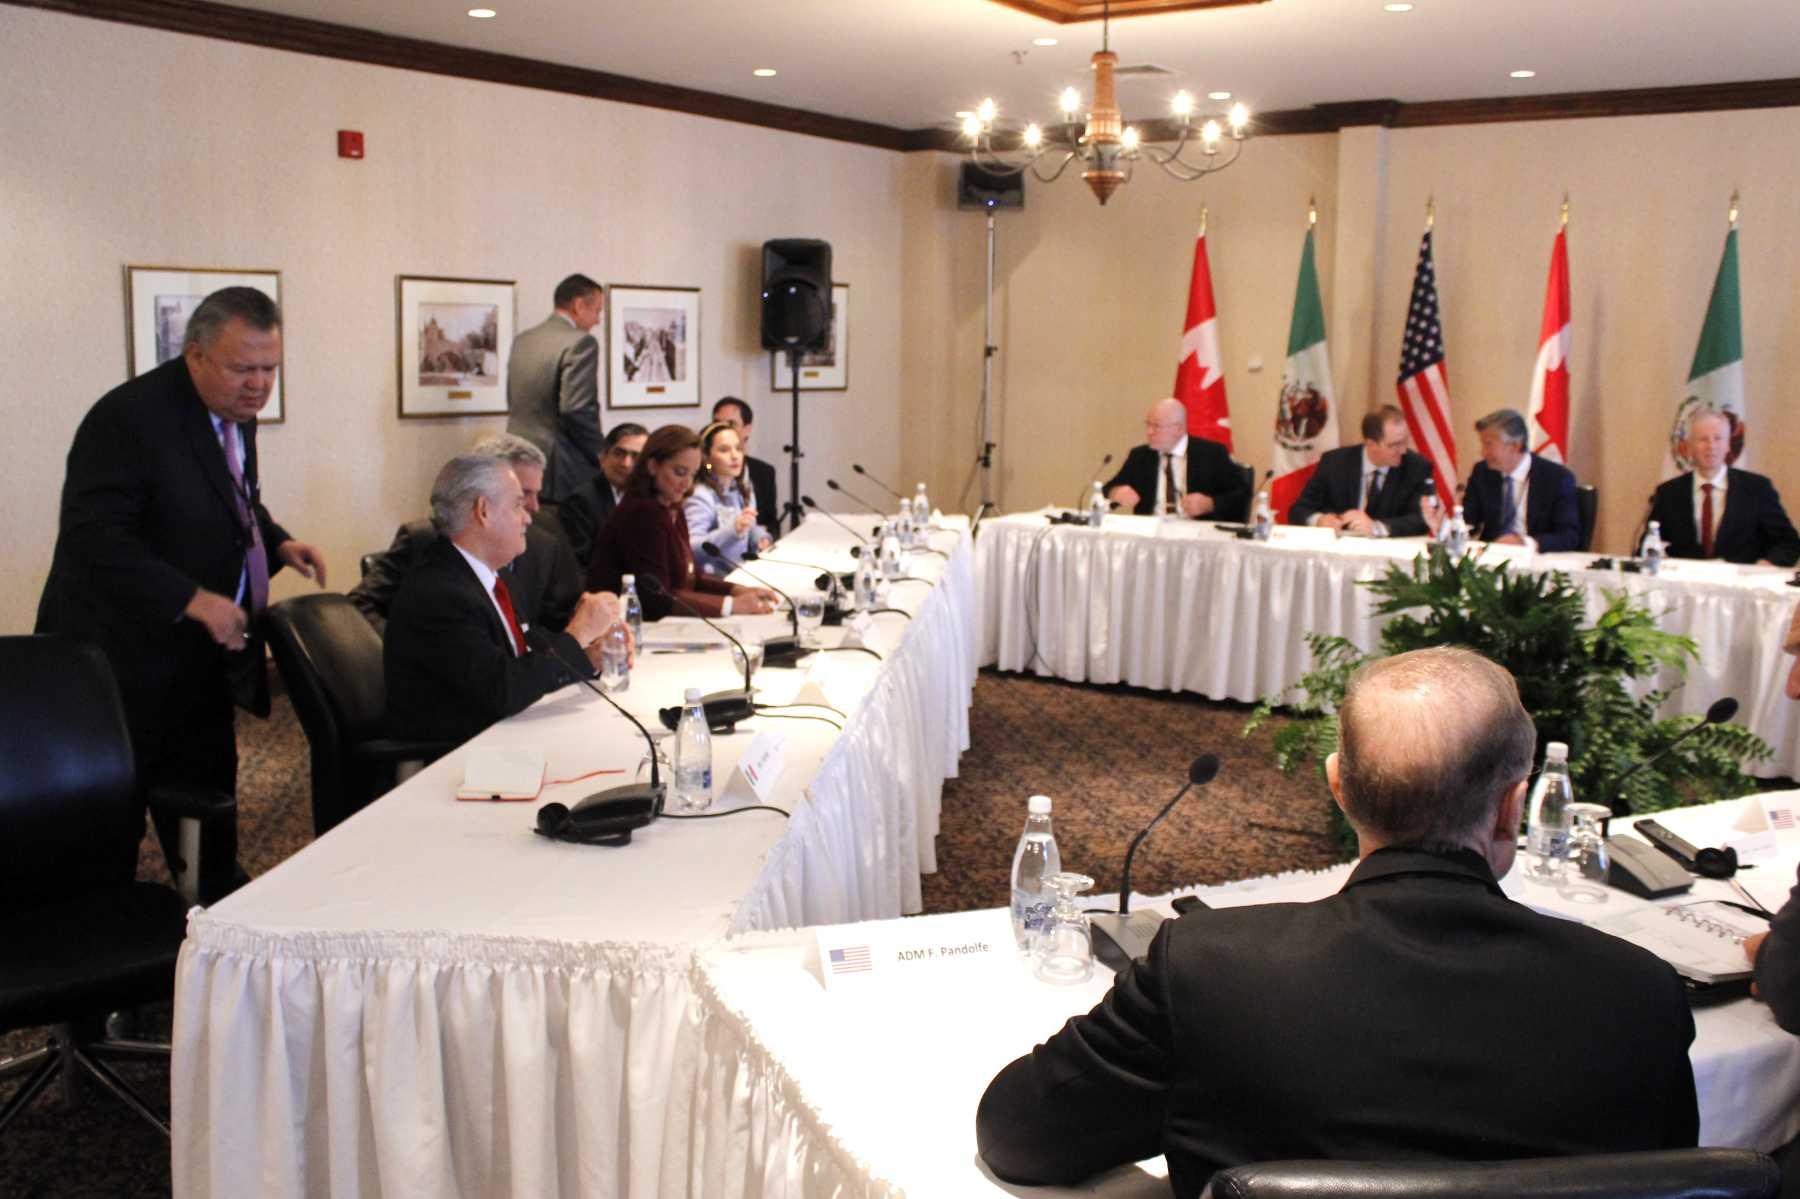 FOTO 5 Canciller Claudia Ruiz Massieu en la sesi n de trabajo trilateral con las delegaciones de Canad  y Estados Unidos  en Quebecjpg